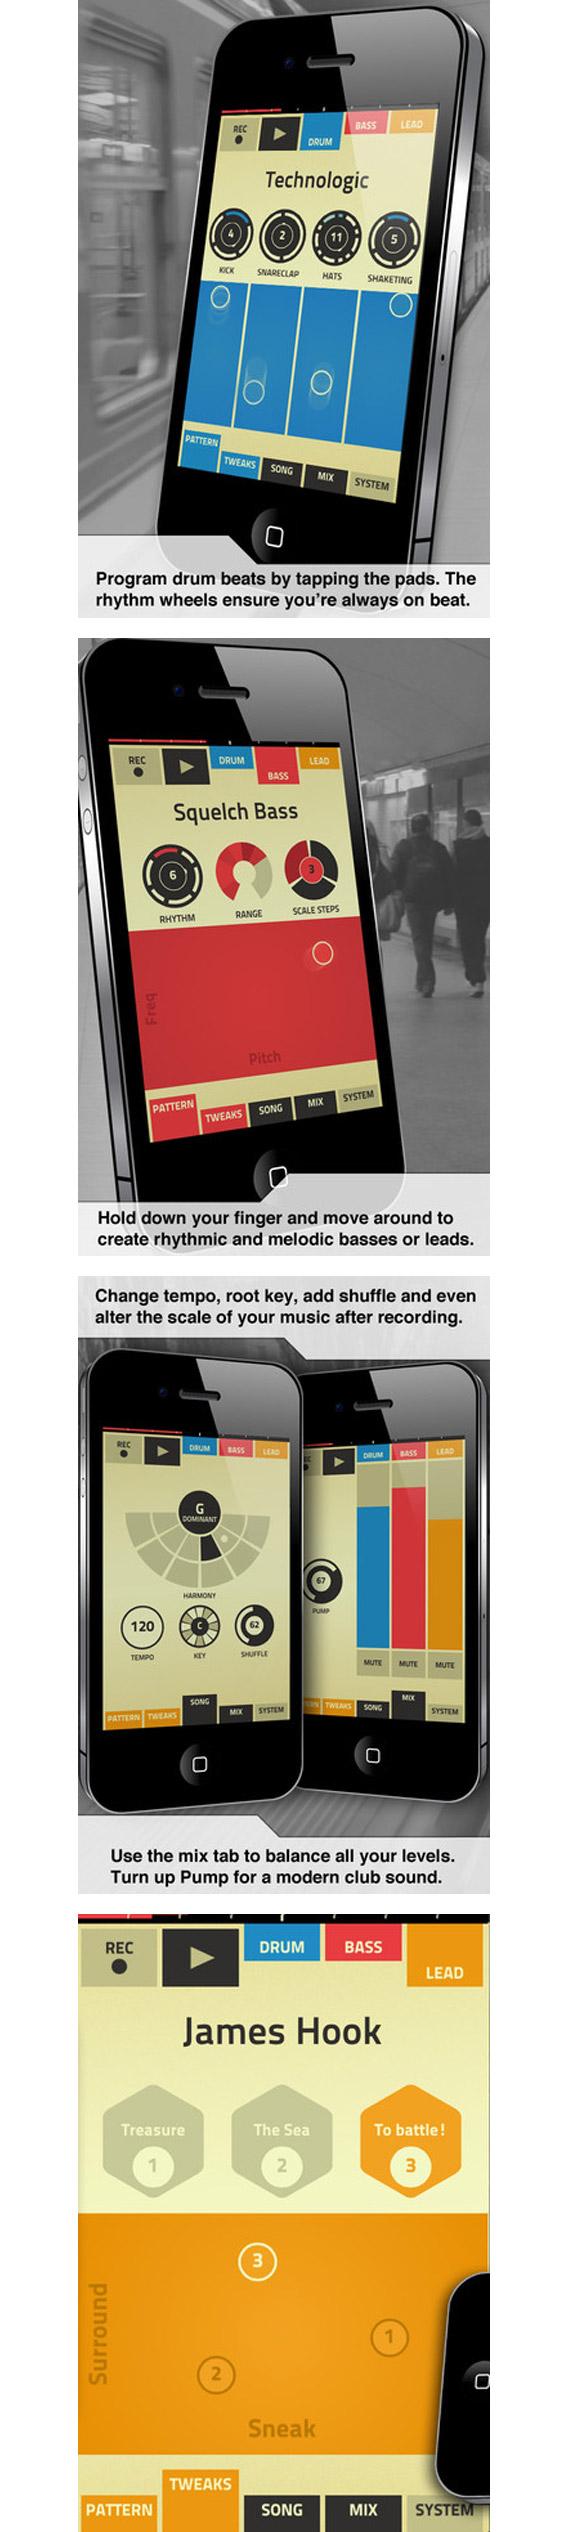 app Figure, une application pour créer de la musique en quelques minutes.